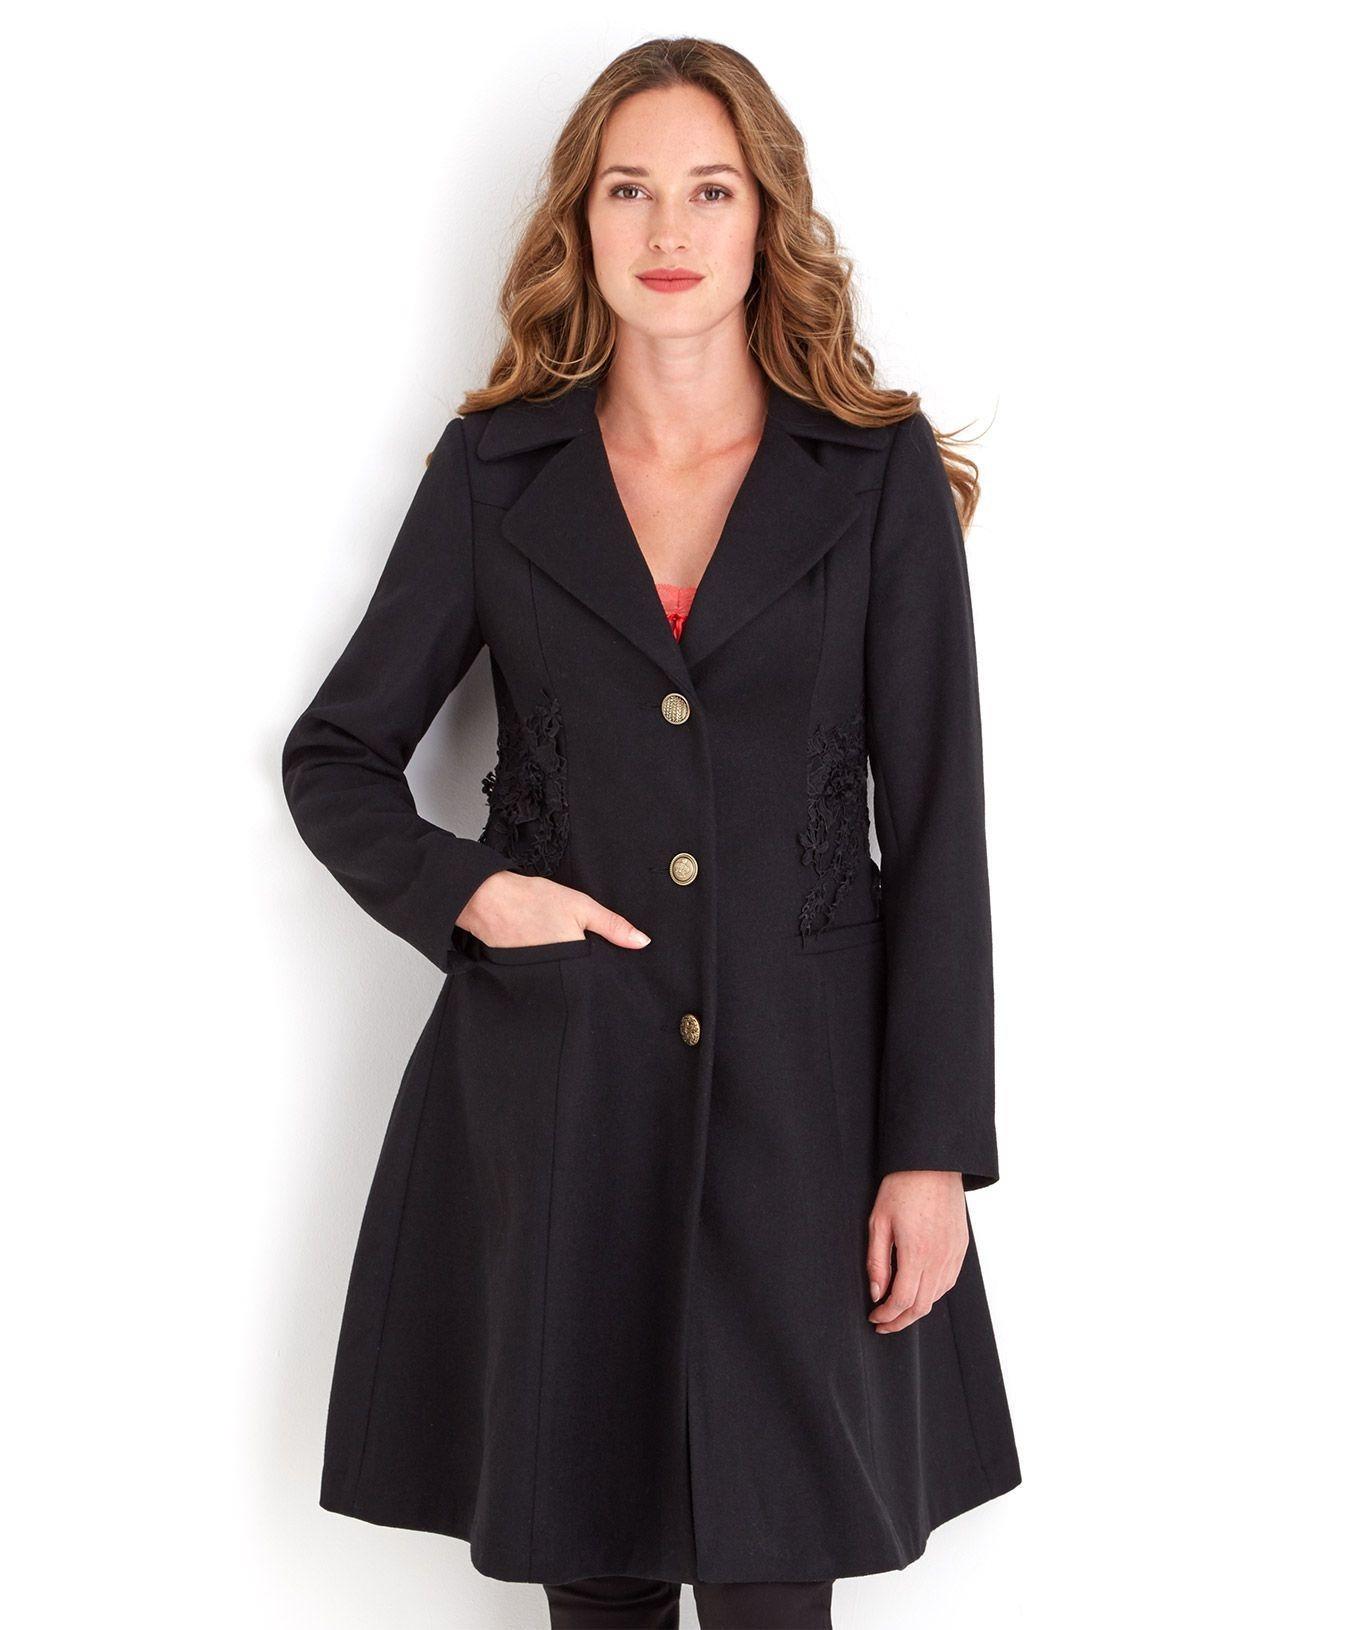 052ed42359d90f schwarzer Mantel von Joe Browns, €118   OTTO   Lookastic